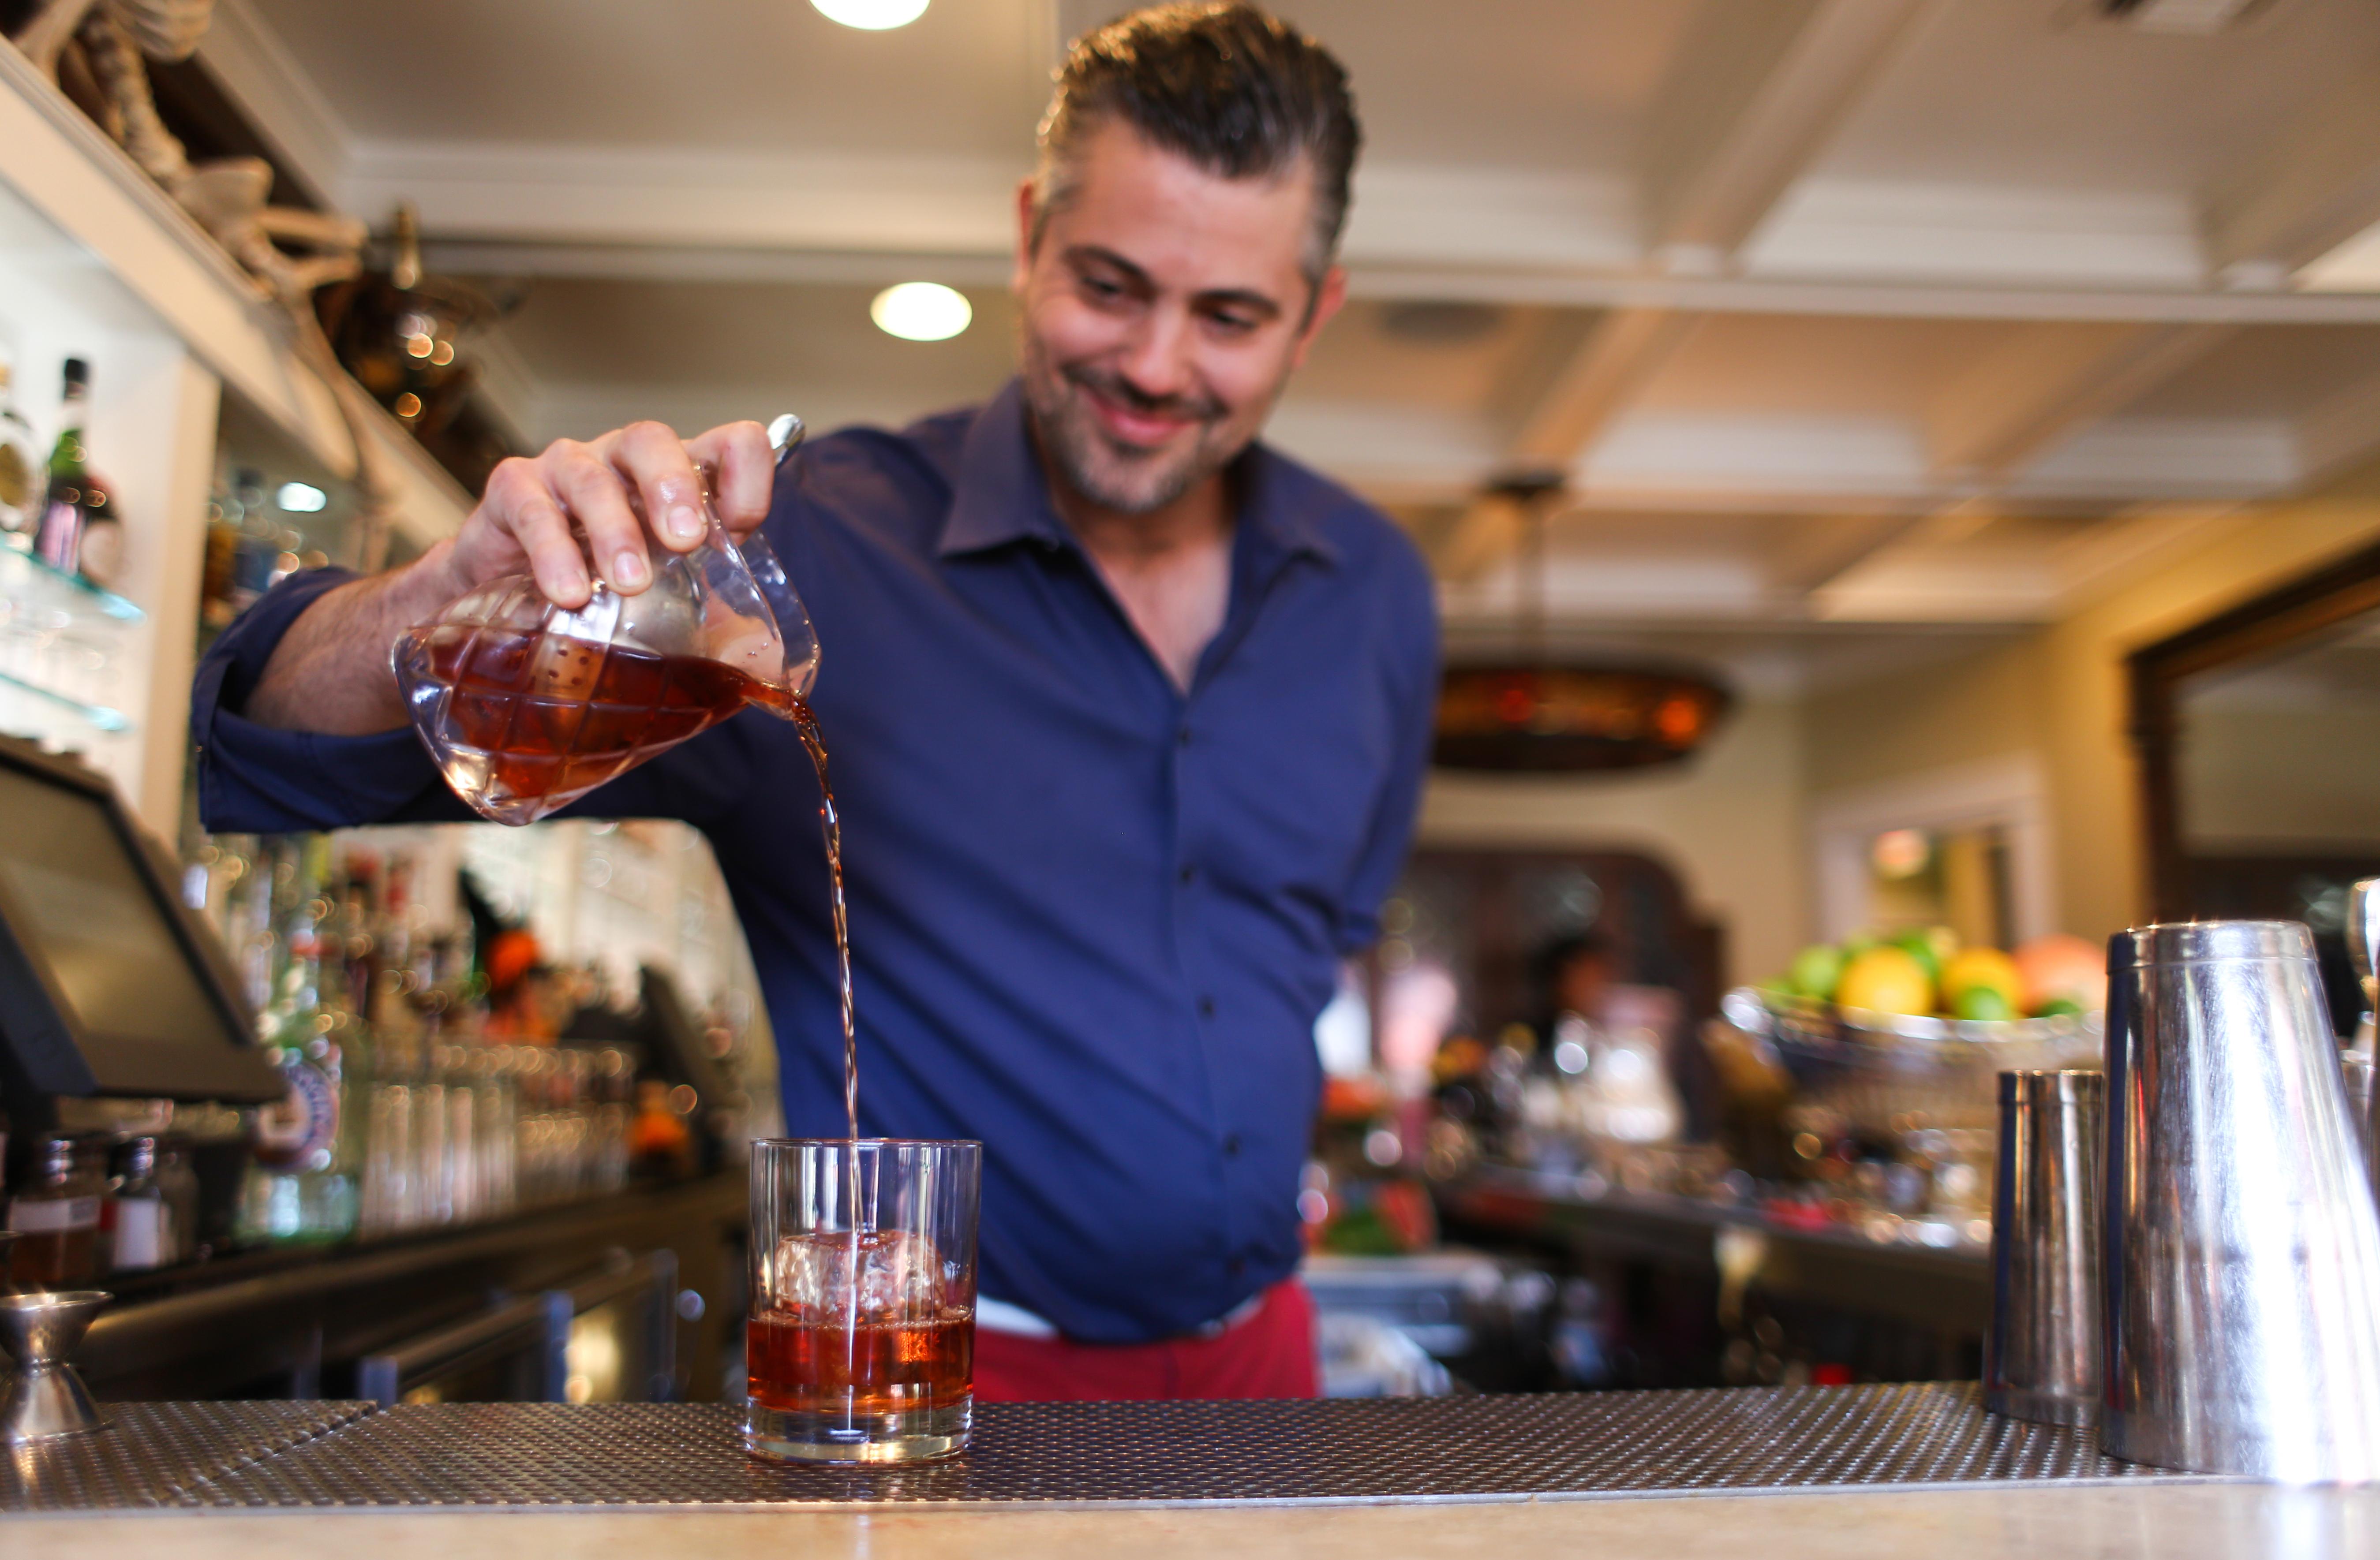 LA City Council Wants to Shorten Lengthy Wait Times For Liquor Licenses